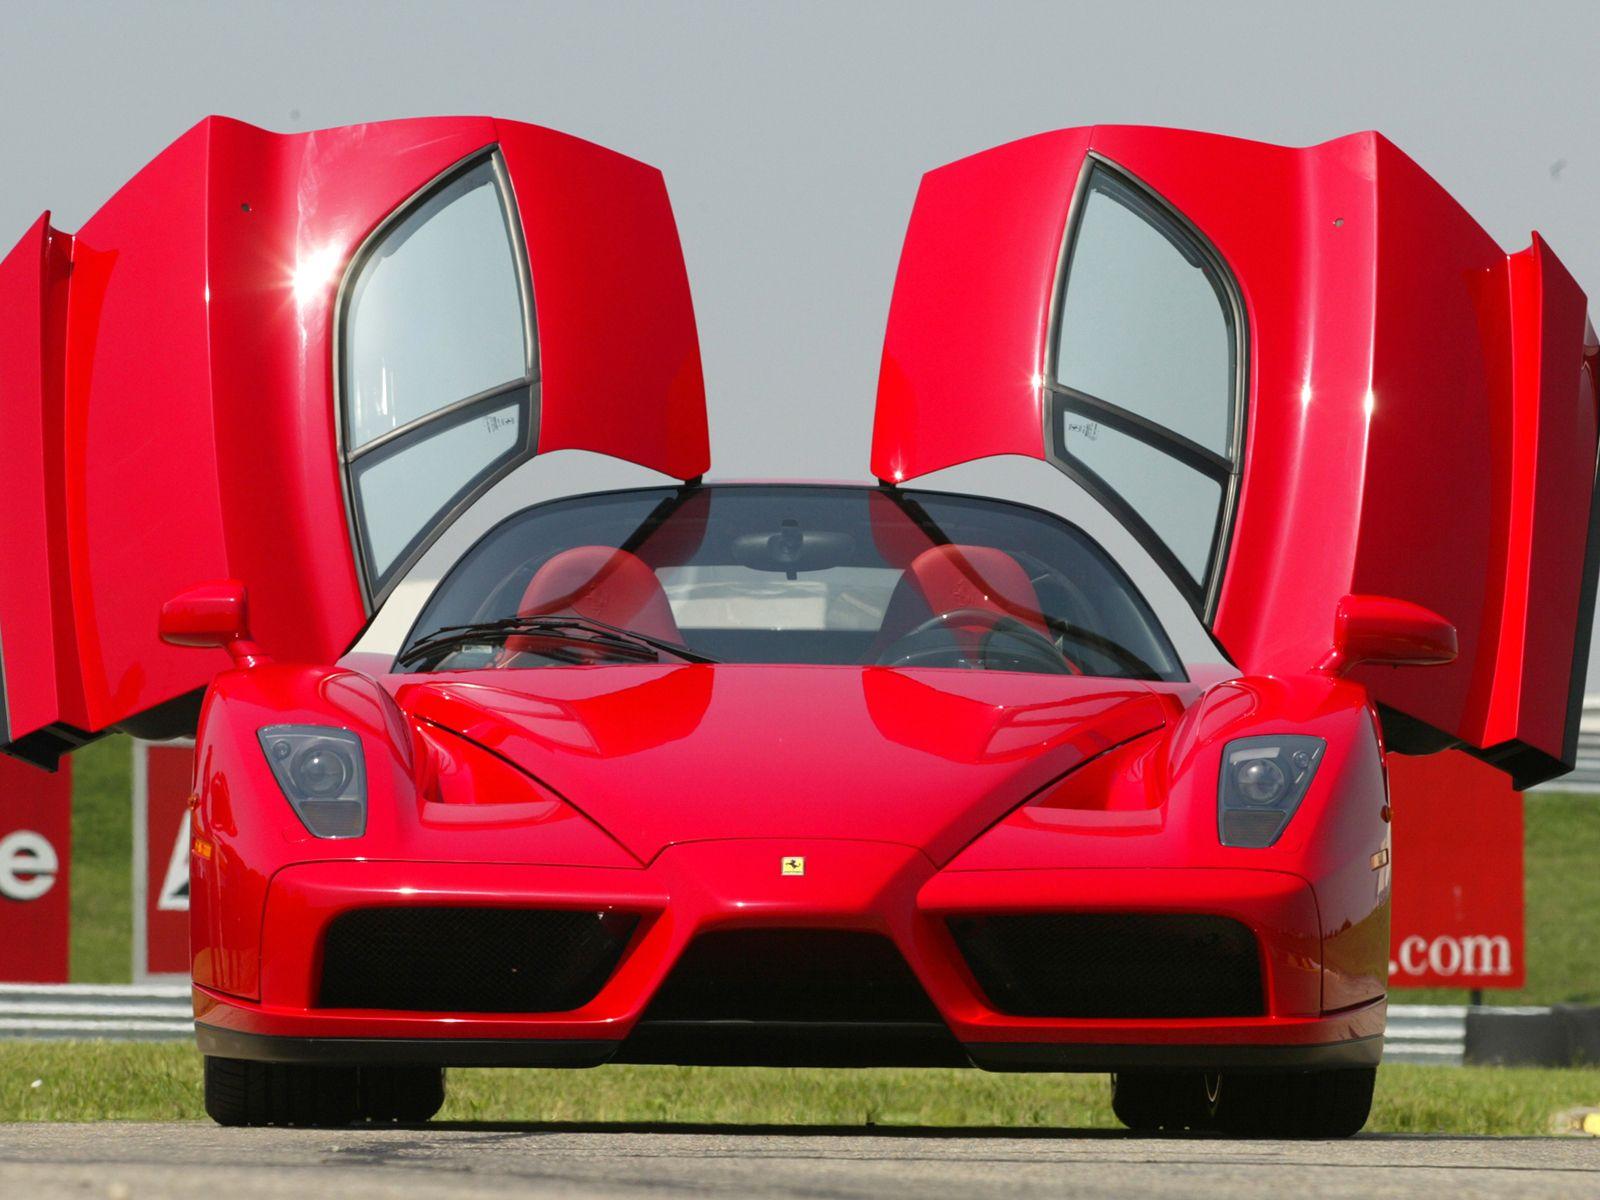 Wallpaper : Sports Car, Ferrari F40, Performance Car, Enzo Ferrari, Ferrari  FXX, Netcarshow, Netcar, Car Images, Car Photo, 2011, Wheel, Supercar, ...